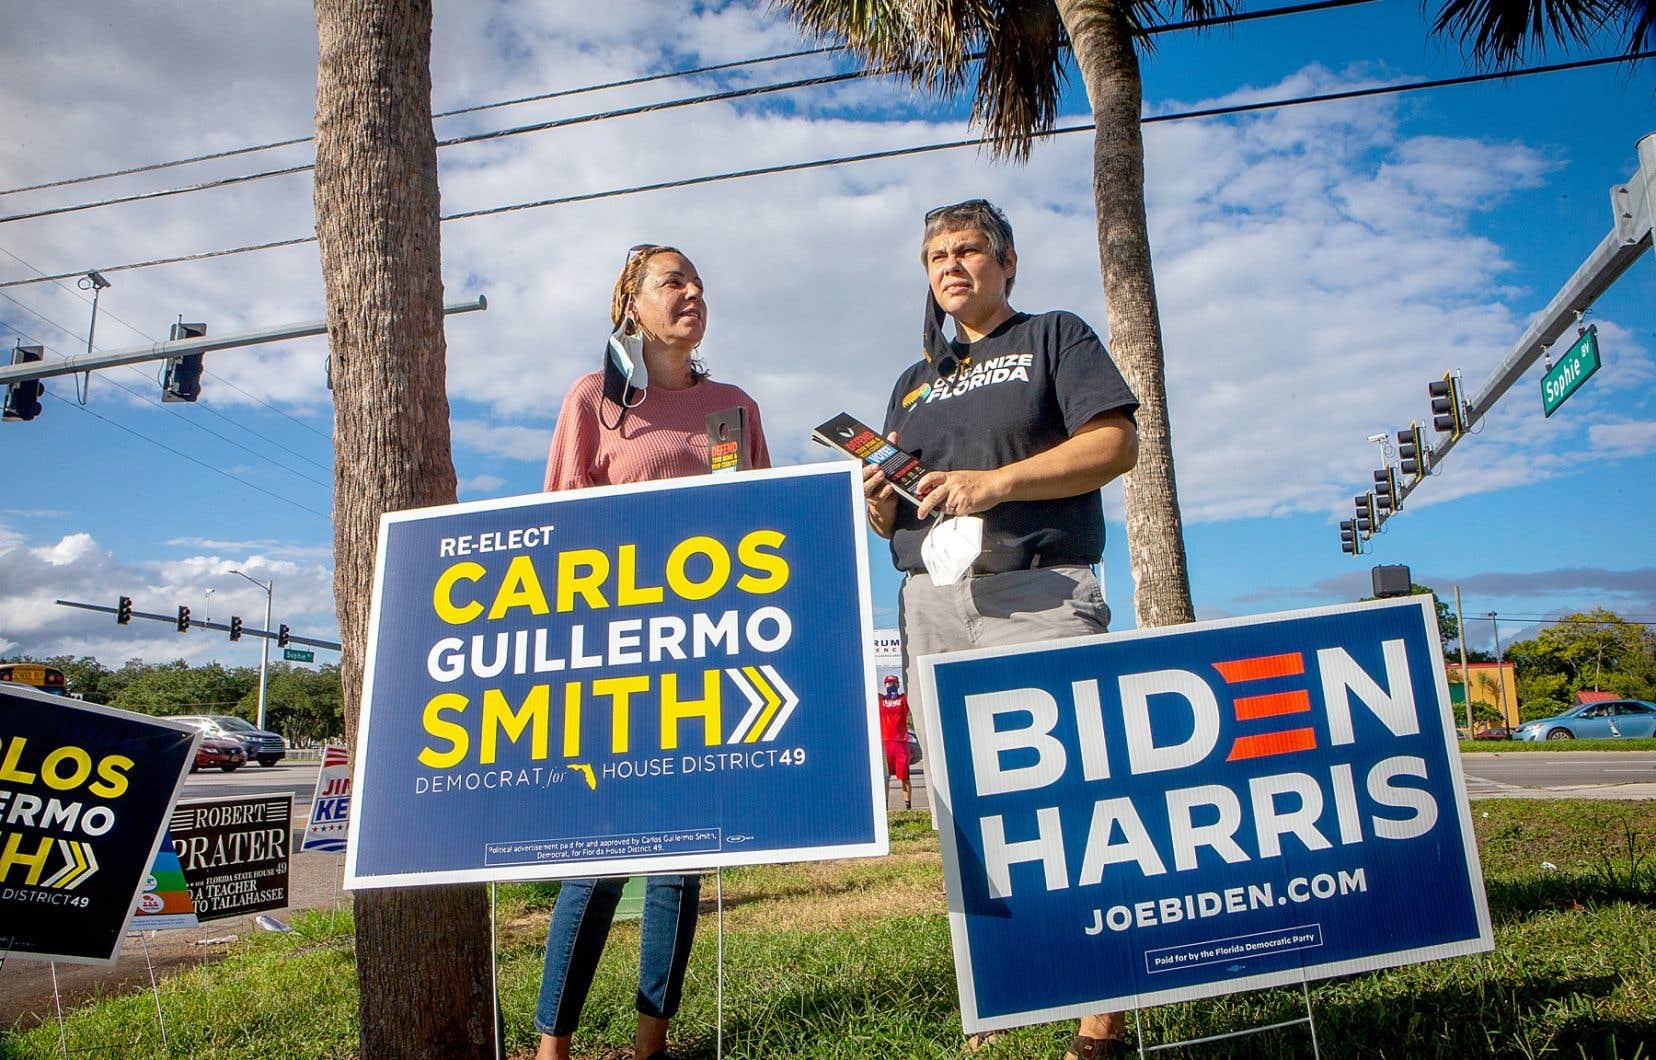 Millie Santiago et Ericka Gomez-Tejada, derrière des pancartes électorales démocrates, à Orlando